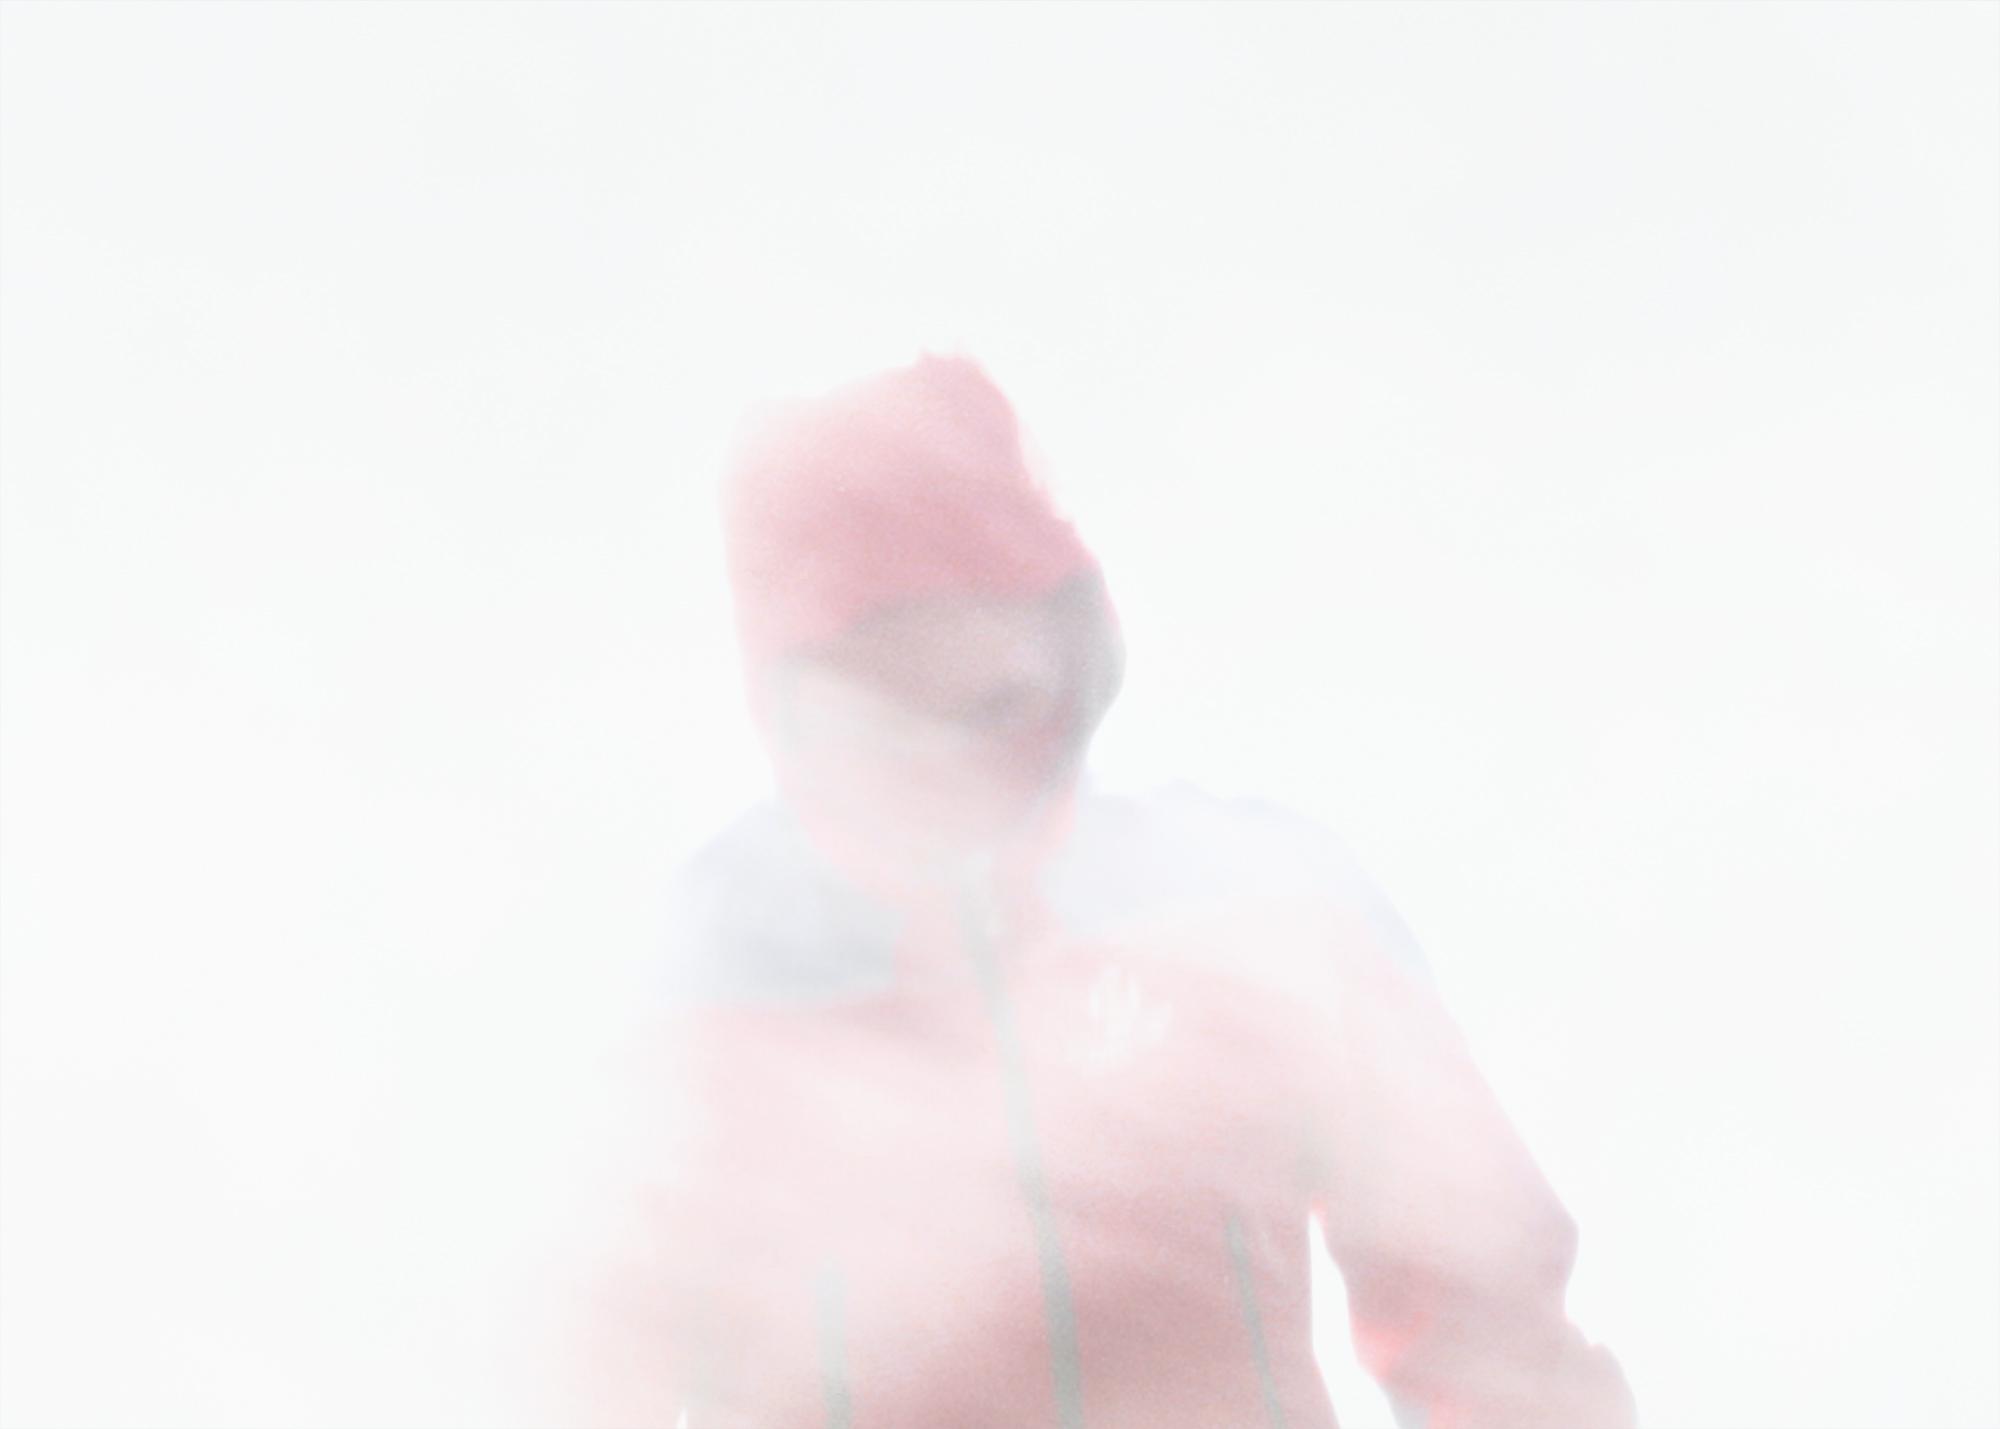 _JO GEYSIR grindlava MEDIUM HH fog-follow kk.22_59_54_13.Still001.jpg